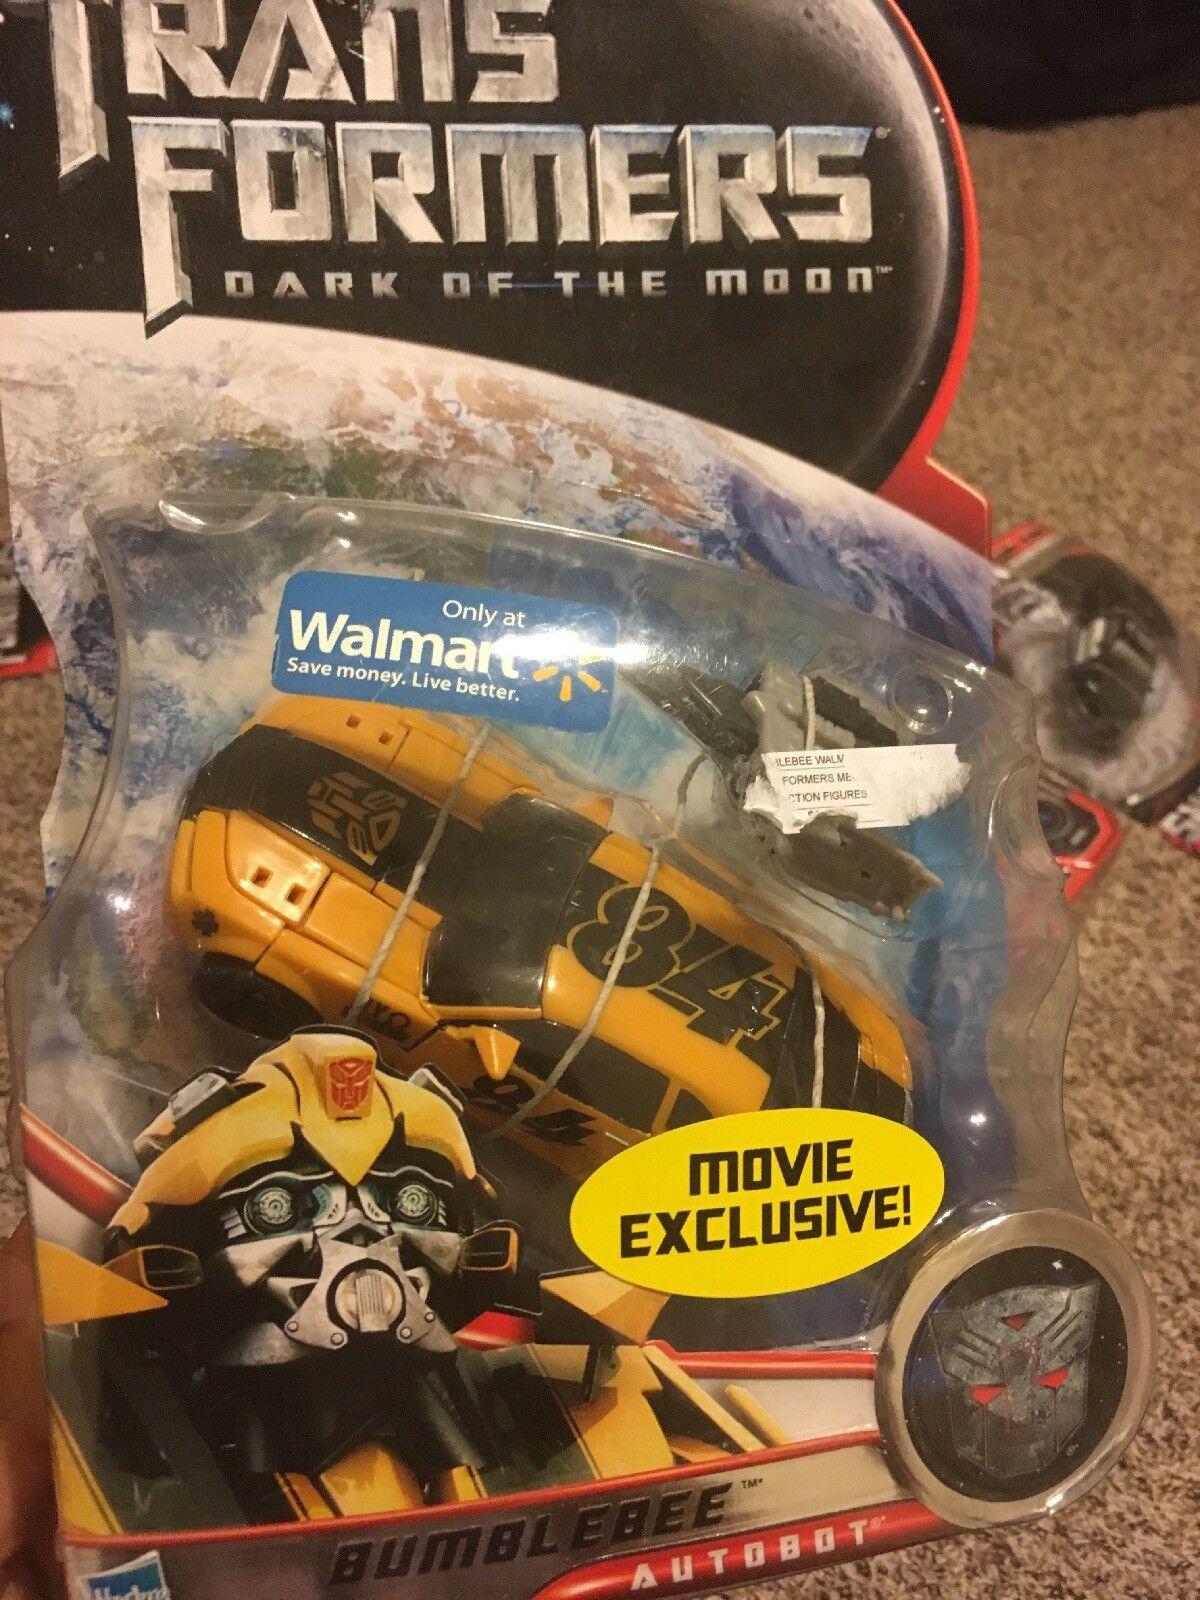 Transformers DOTM Walmart Movie Exclusive Deluxe Class Bumblebee MISB Hasbro